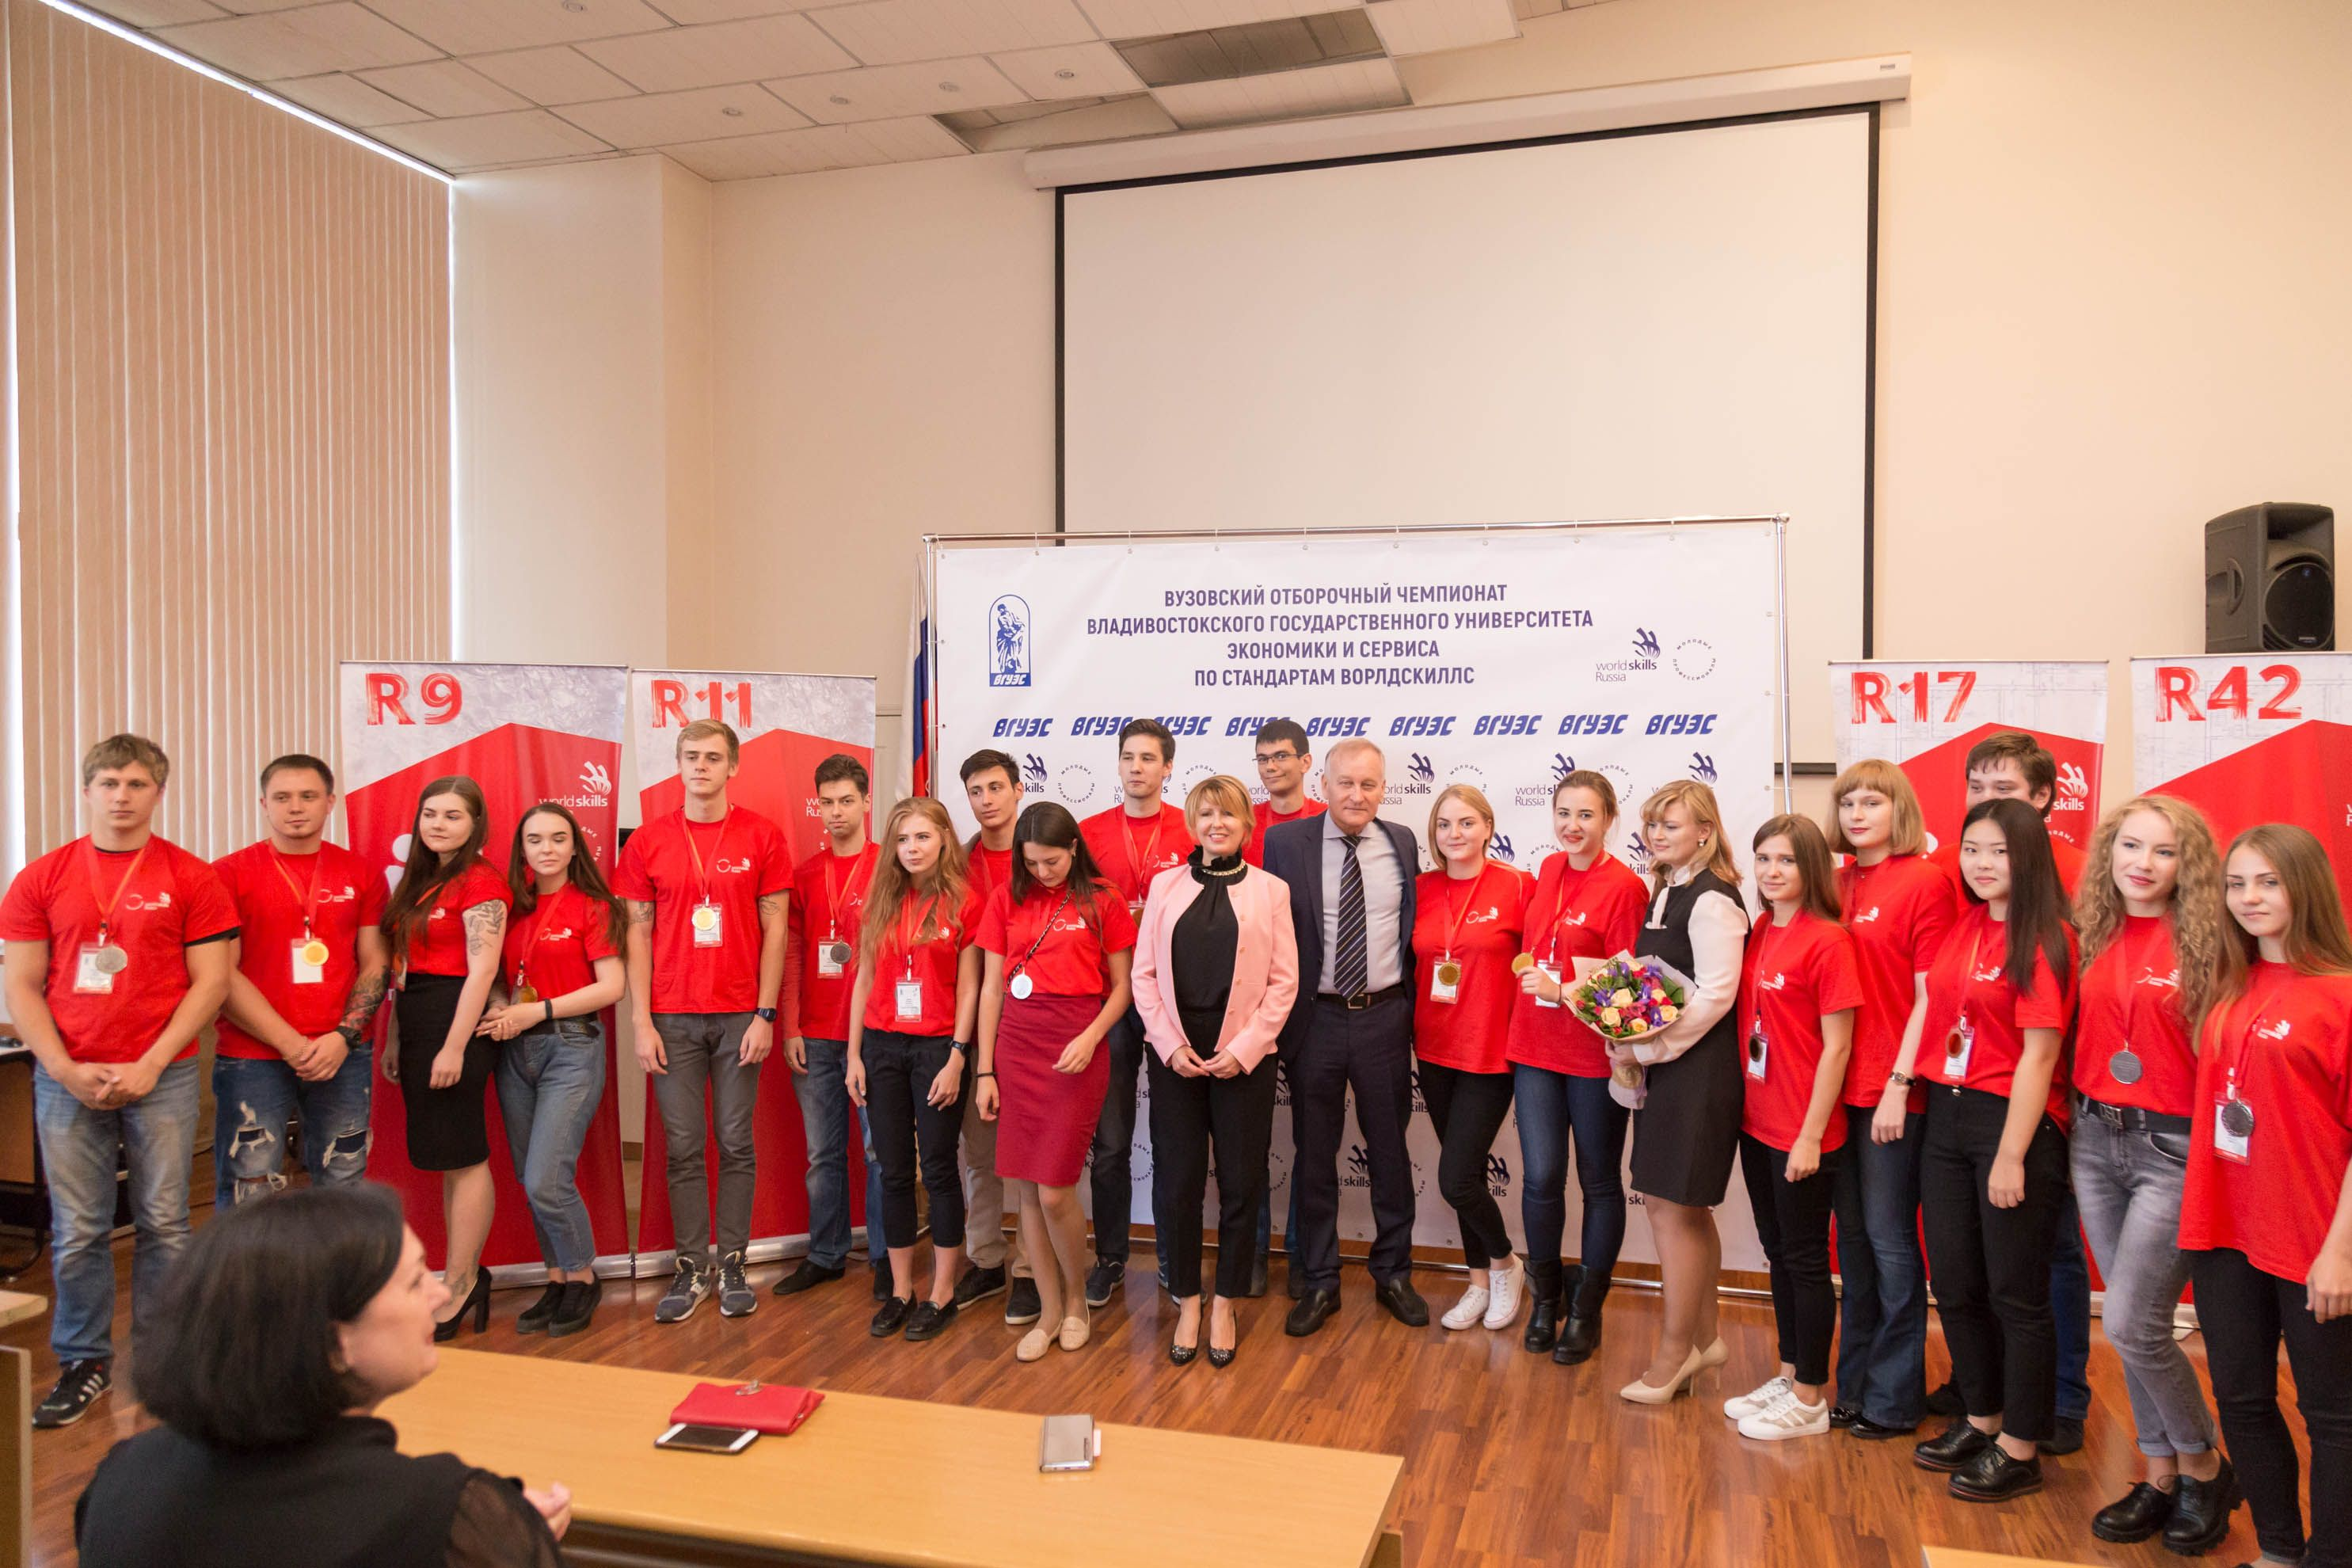 Команда ВГУЭС отправится на Первый Национальный Межвузовский чемпионат «Молодые профессионалы (Ворлдскиллс Россия)»